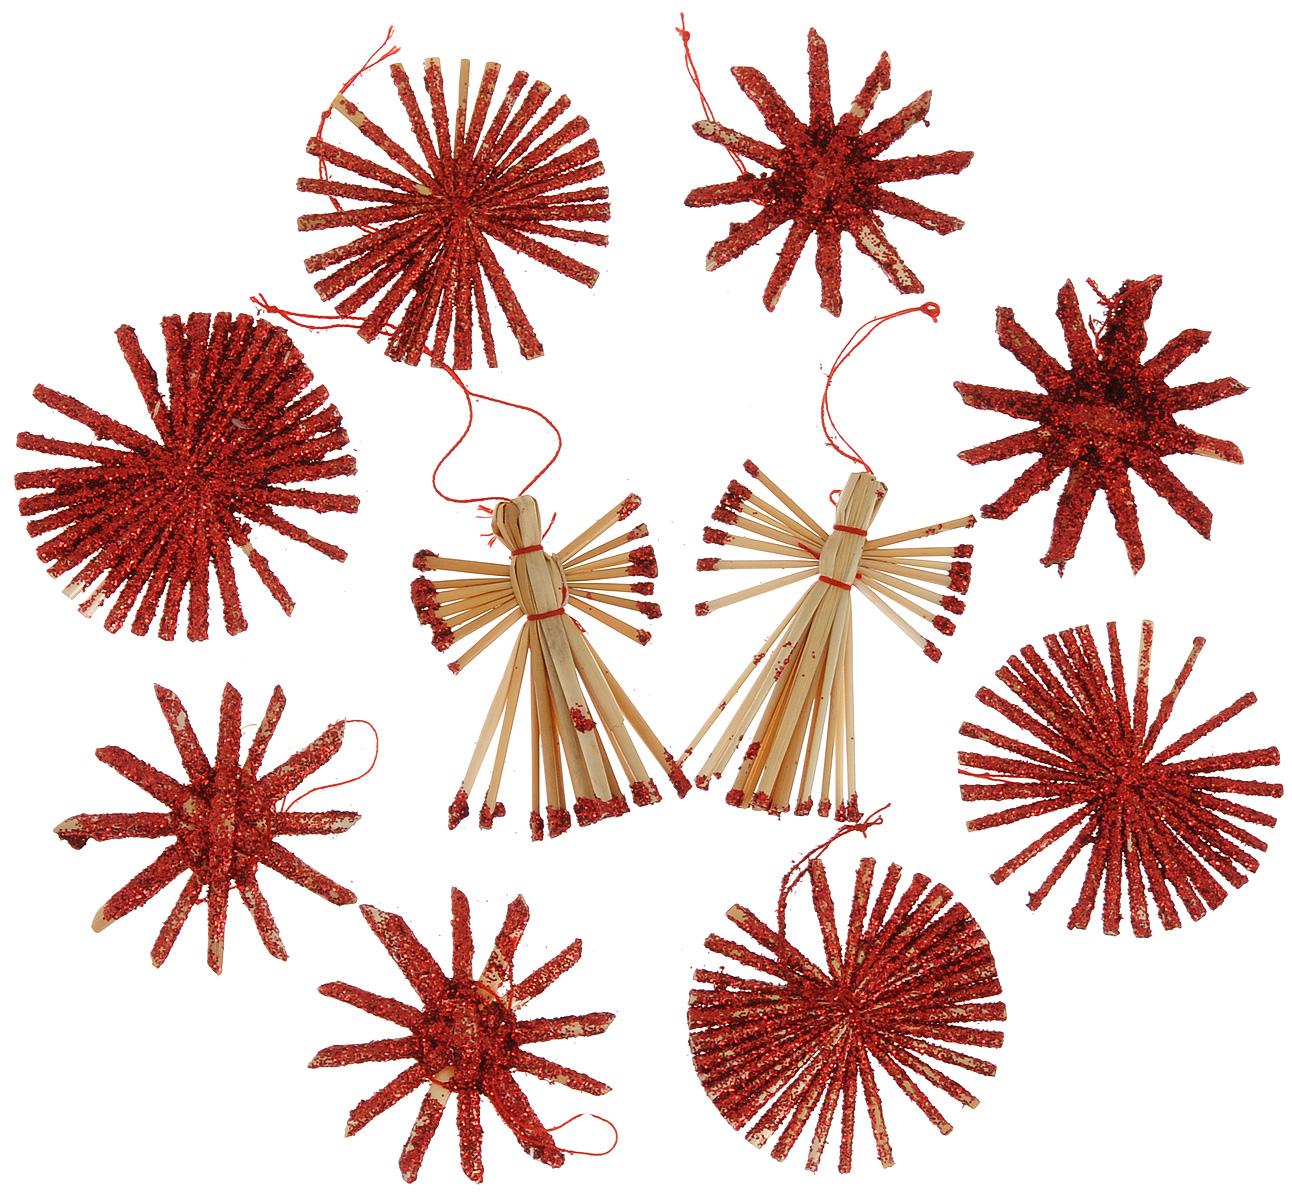 Набор новогодних подвесных украшений Феникс-презент Ангелы и звезды, цвет: красный, светло-коричневый, 10 шт38195Набор Феникс-презент Ангелы и звезды, состоящий из 10 новогодних подвесных украшений, отлично подойдет для декорации вашего дома и новогодней ели. Изделия выполнены из соломы в виде ангелочков и звезд, оформленных блестками. Украшения имеют специальные петельки для подвешивания. Коллекция декоративных украшений Феникс-презент Ангелы и звезды принесет в ваш дом ни с чем не сравнимое ощущение праздника! Средний размер украшения: 5,5 см х 5,5 см.